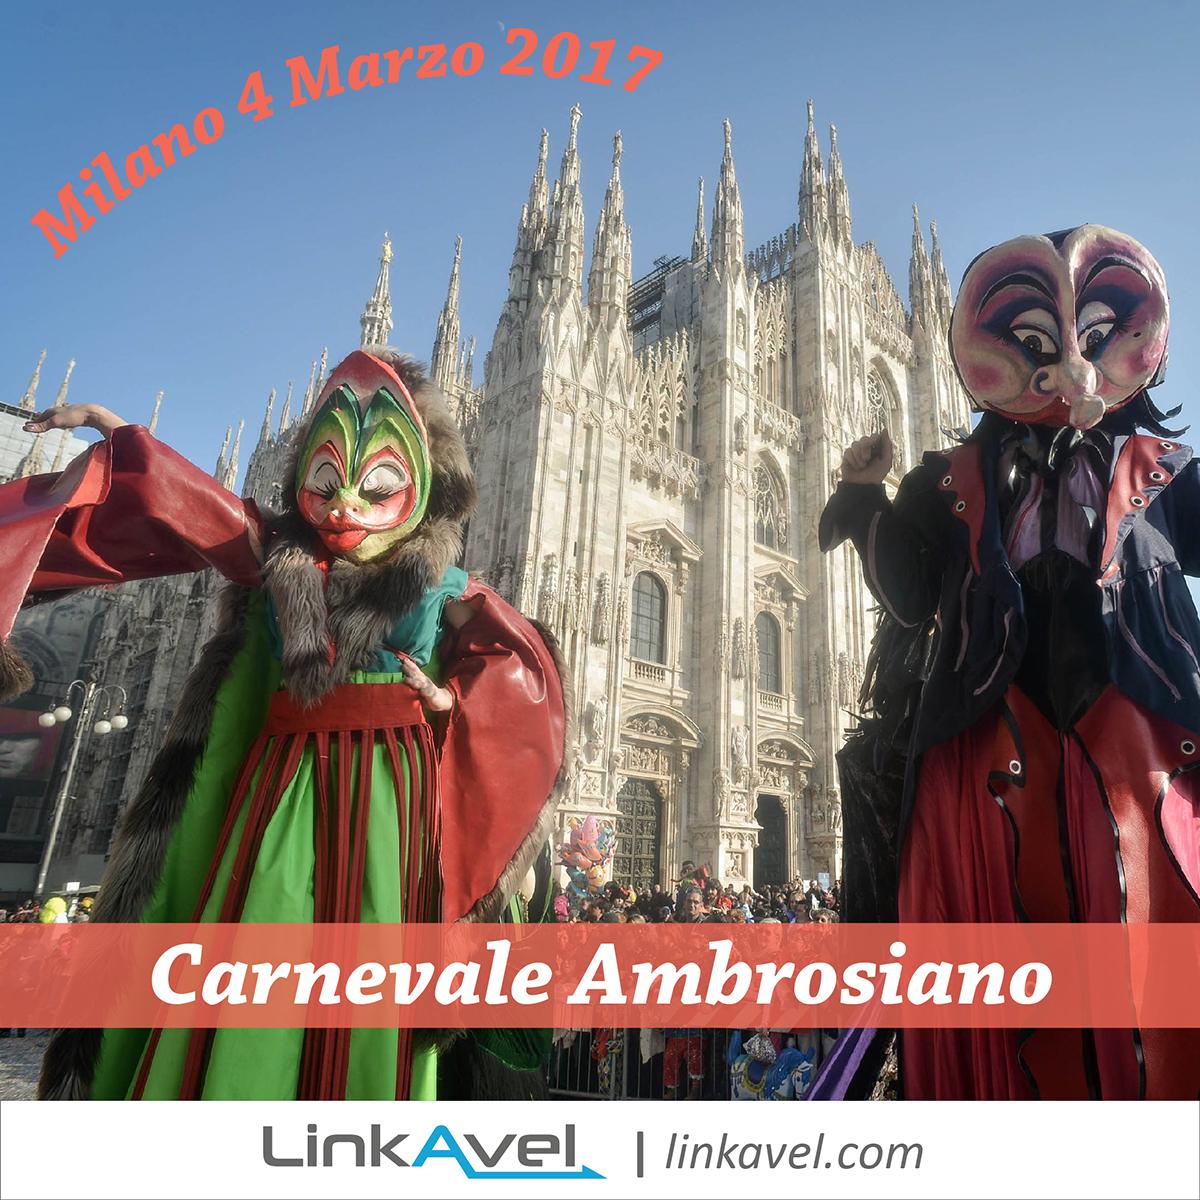 Carnevale Milano 2017: il Carnevale Ambrosiano